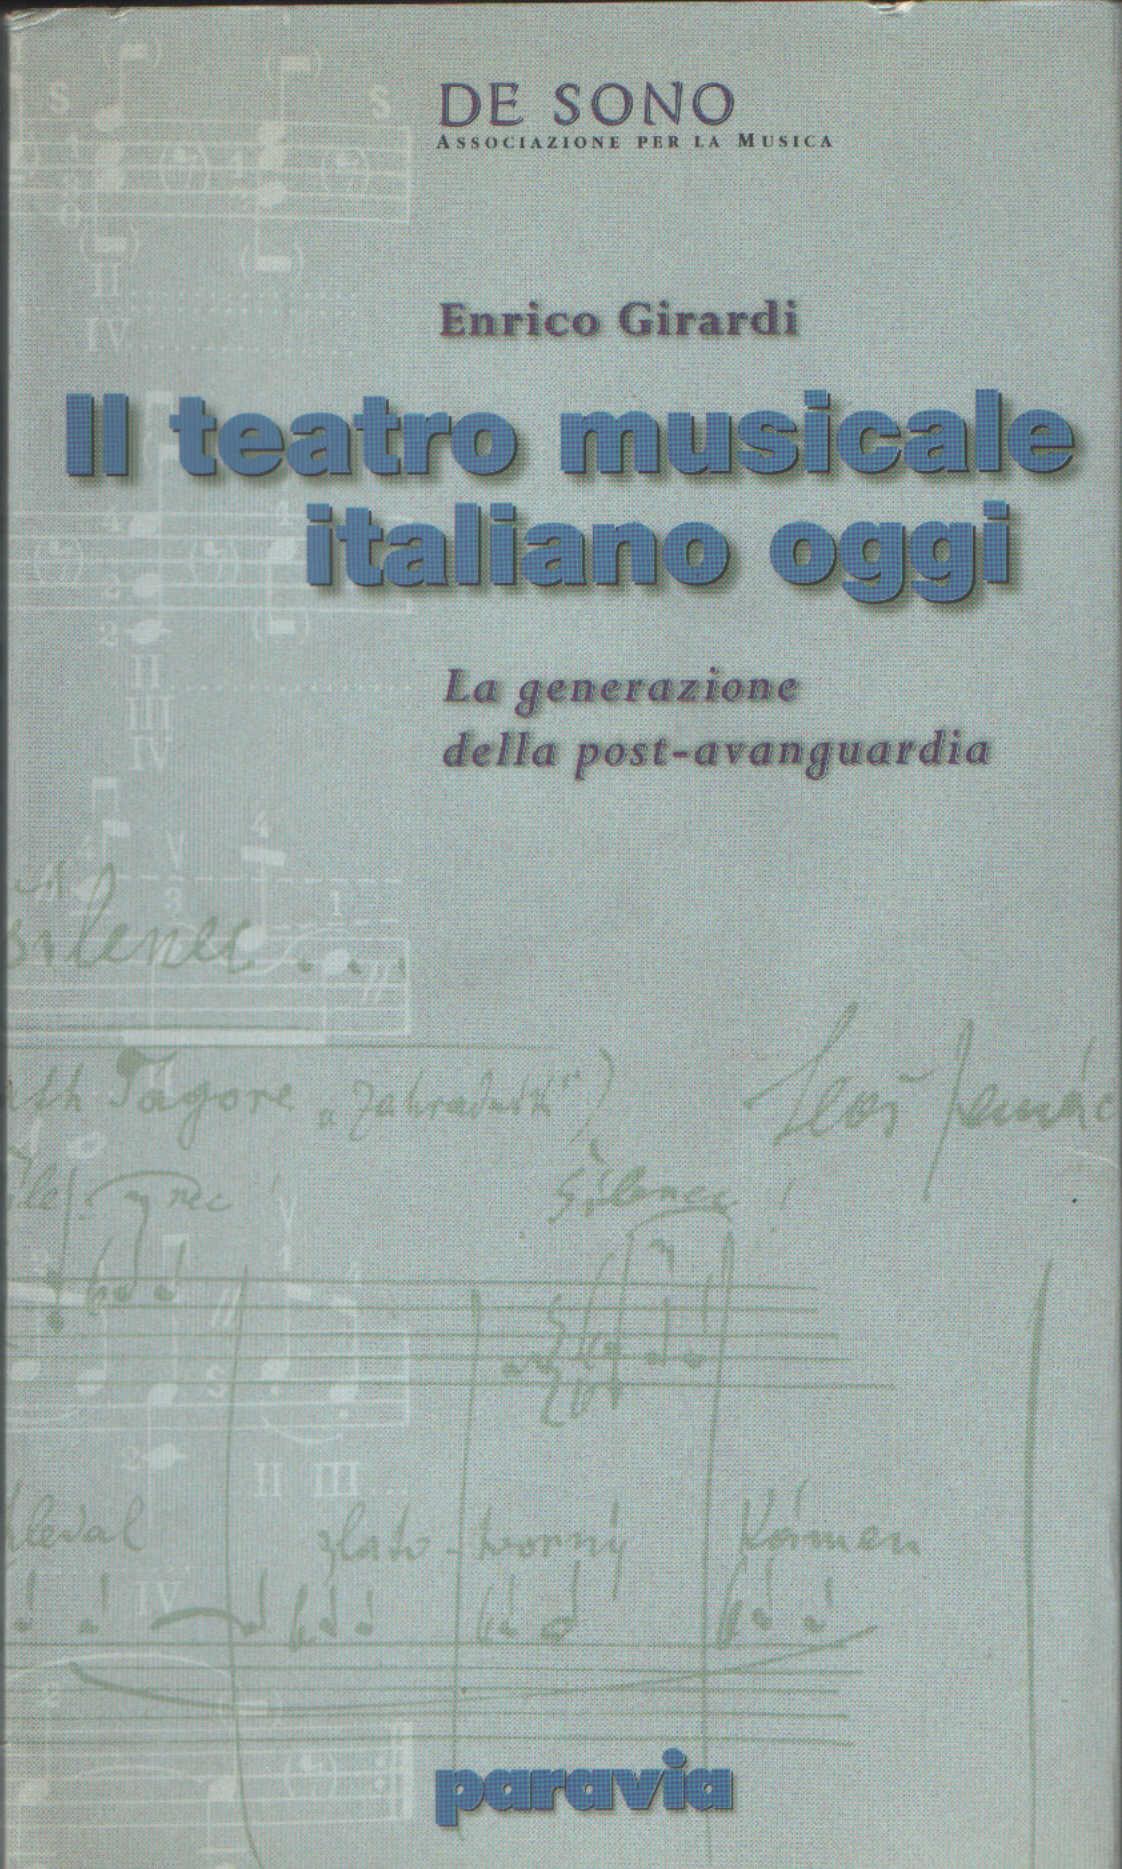 Il teatro musicale italiano oggi